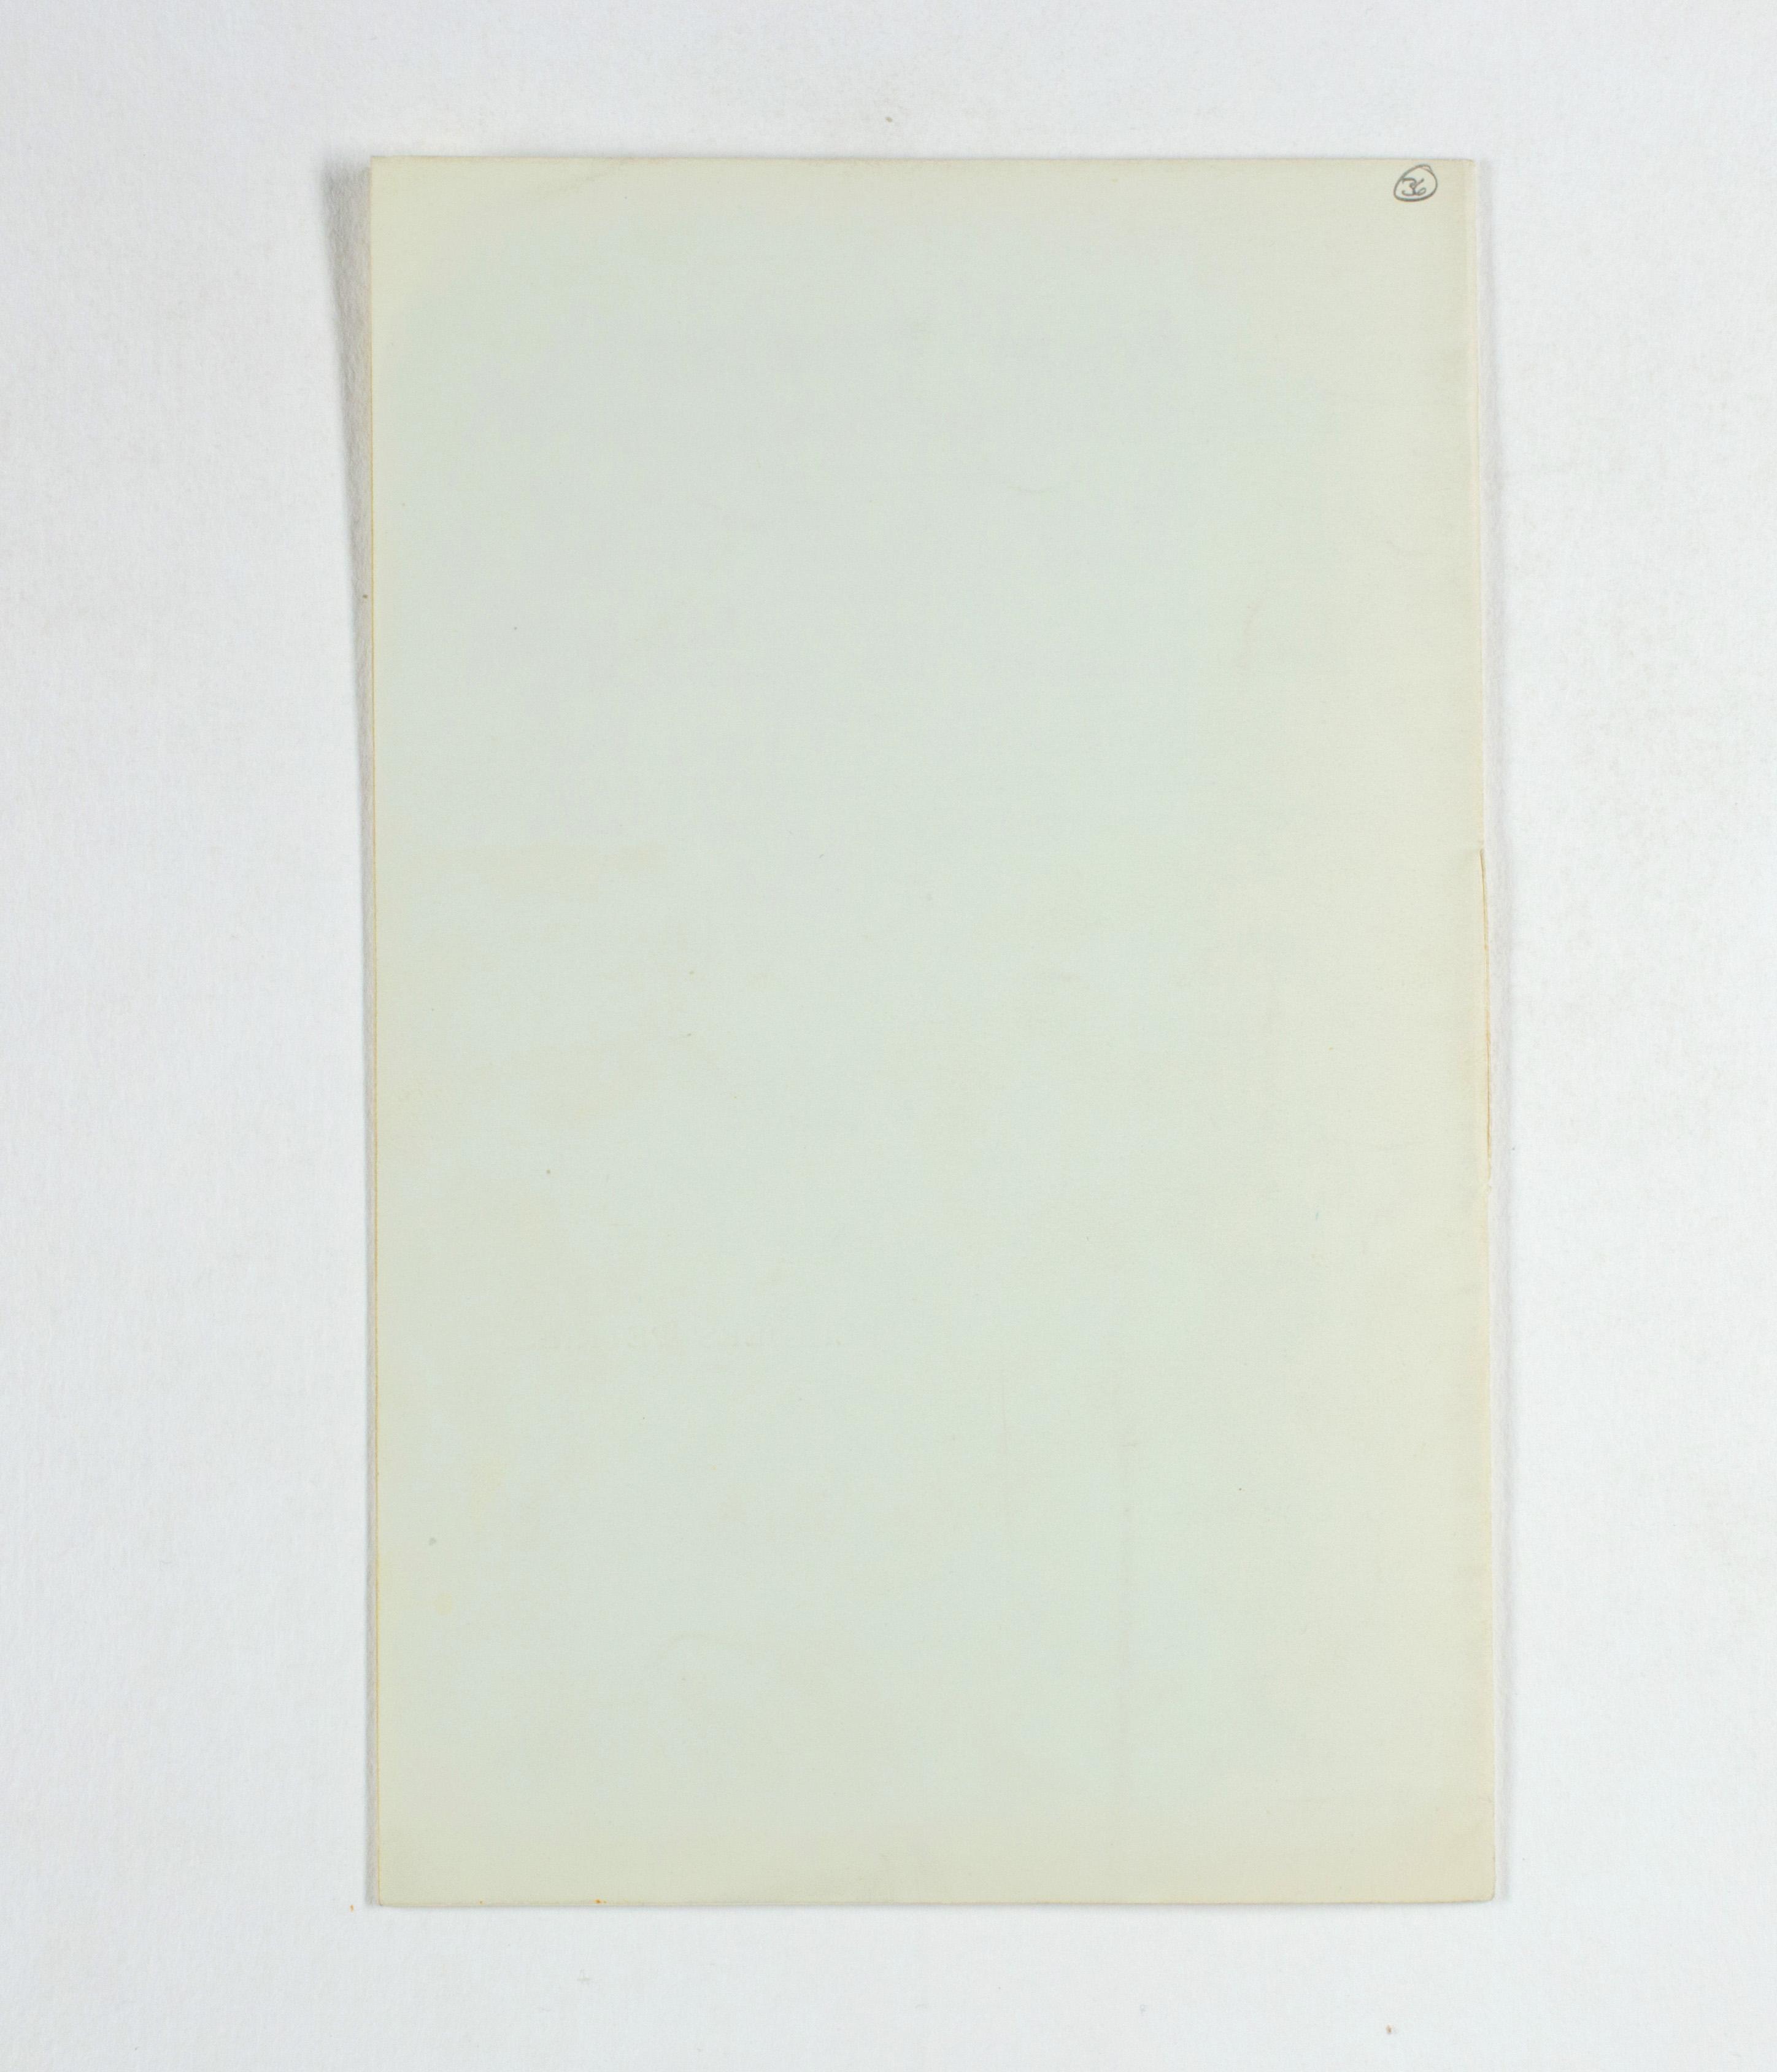 1923-24 Qau el-Kebir, Hemamieh Exhibition catalogue PMA/WFP1/D/27/36.10